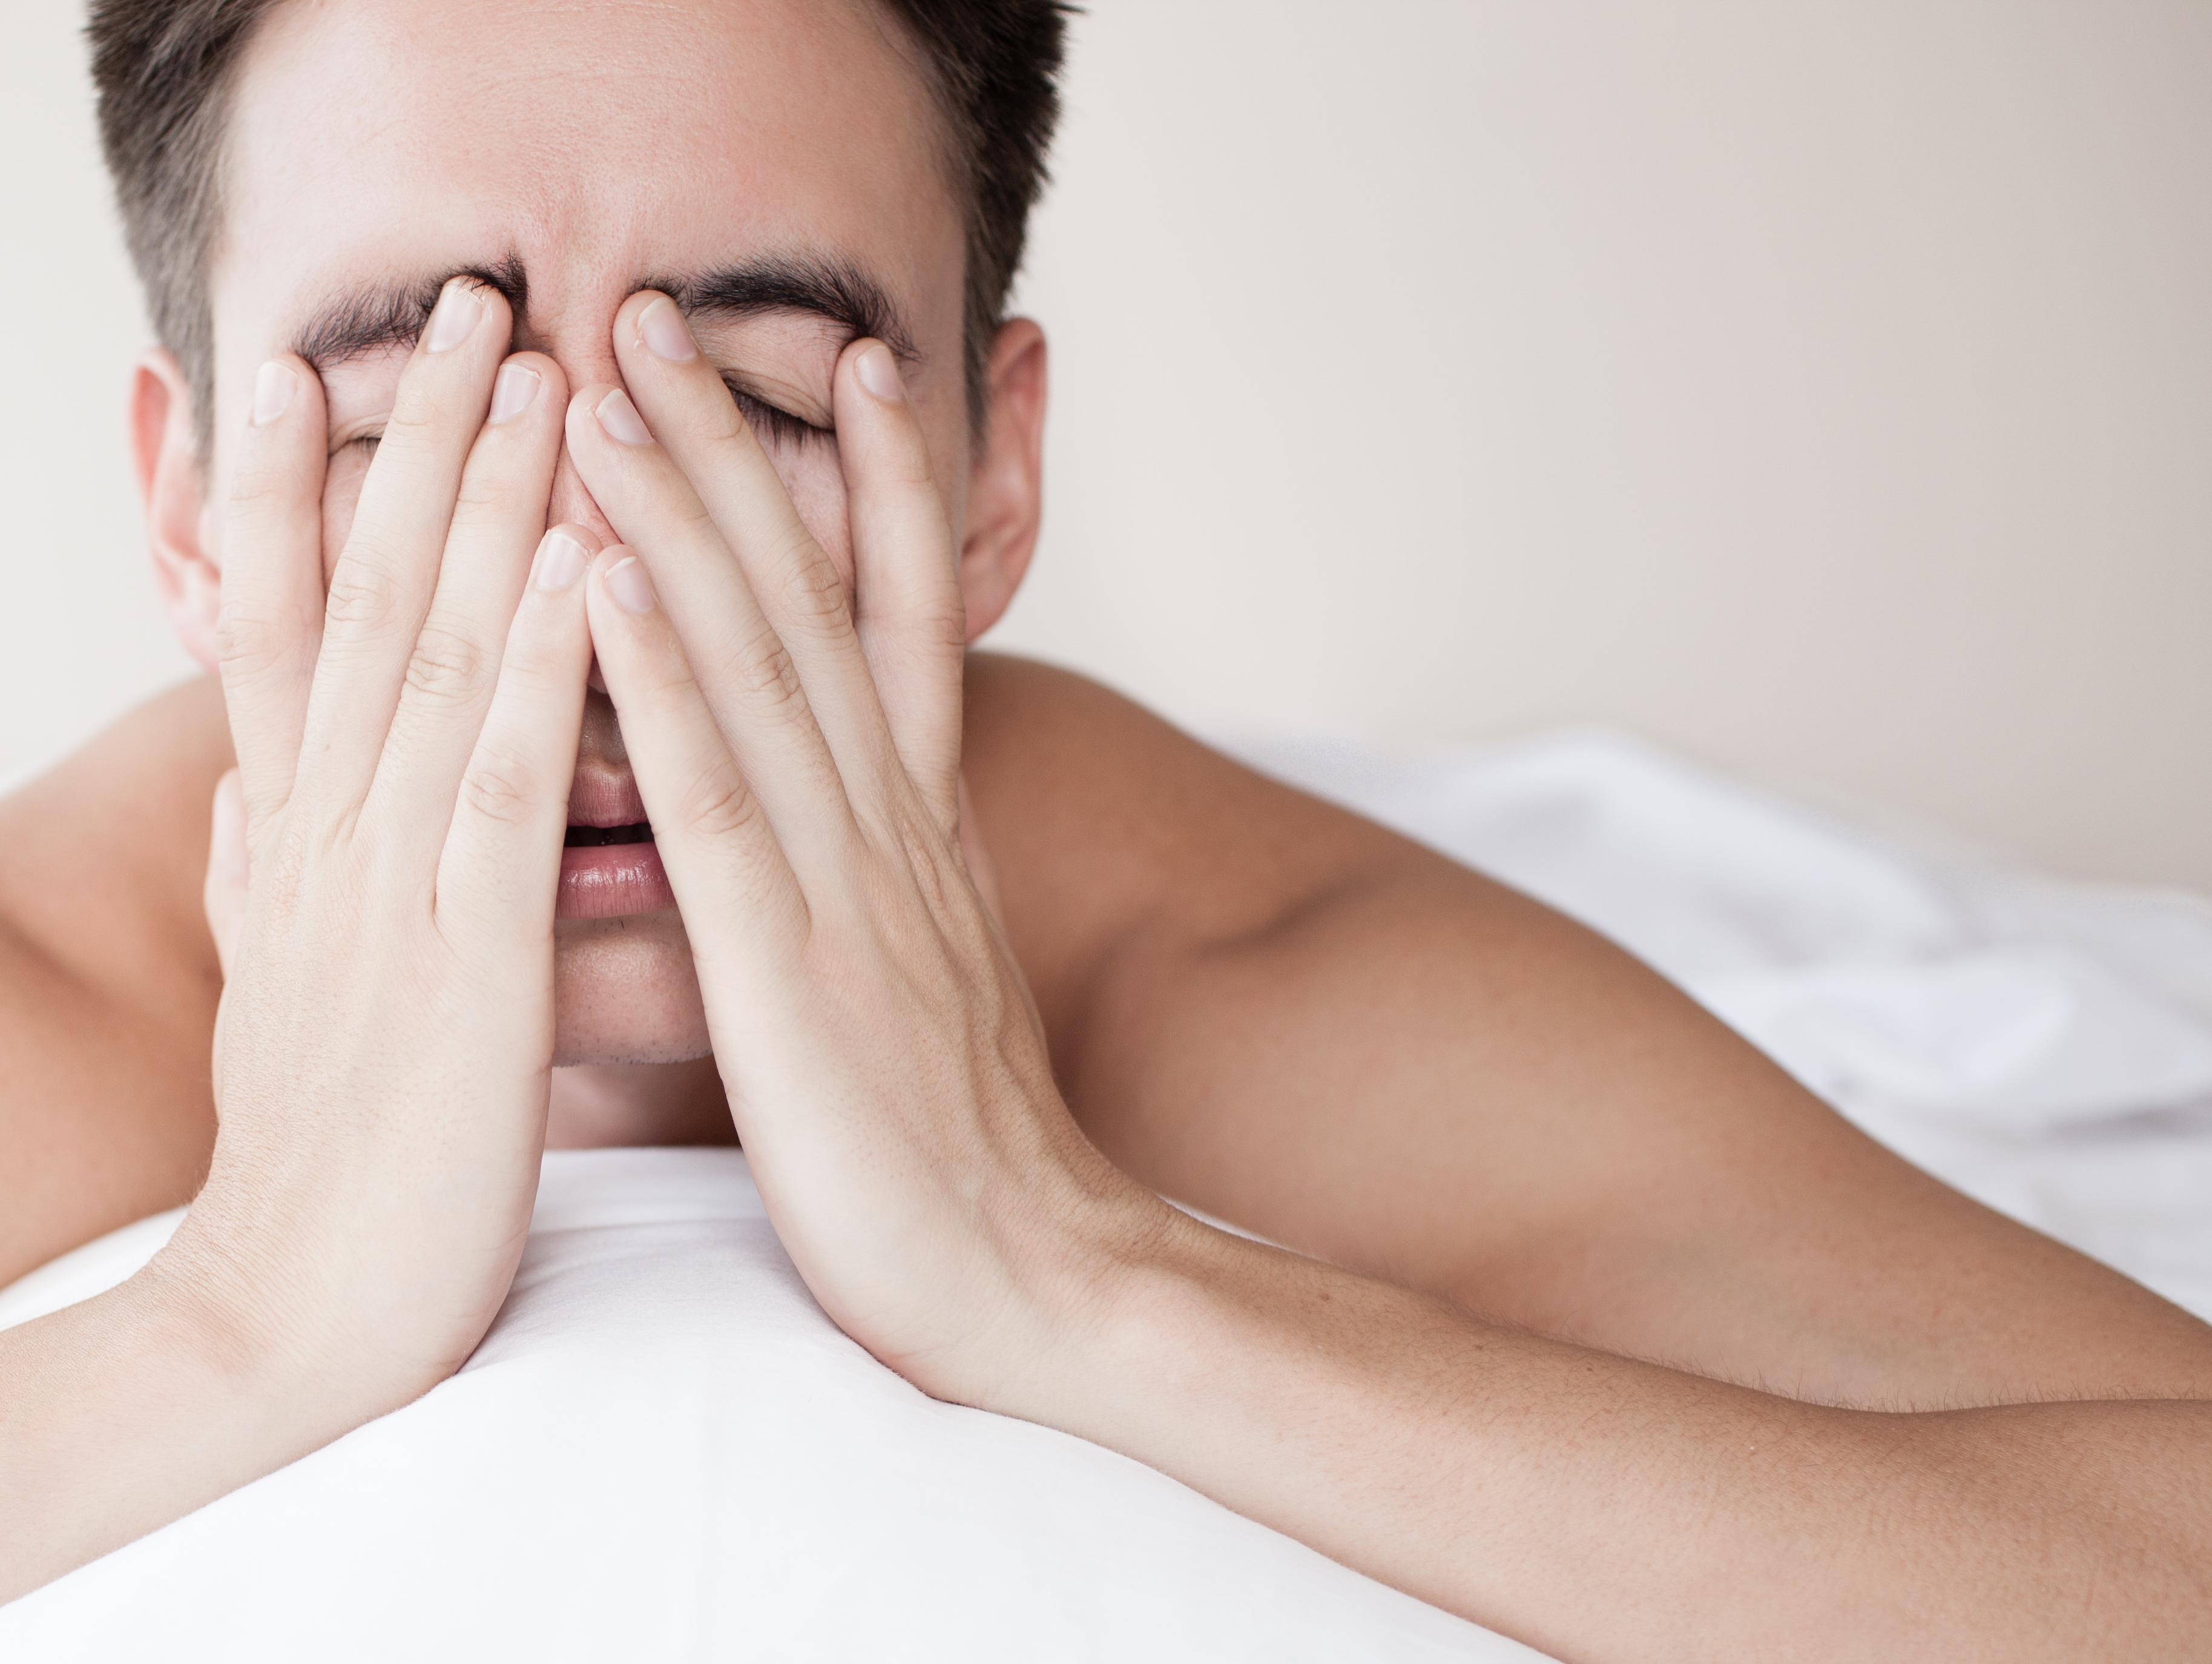 פחות משש שעות שינה מעלות ב-35% את הסיכון להתקף לב ושבץ